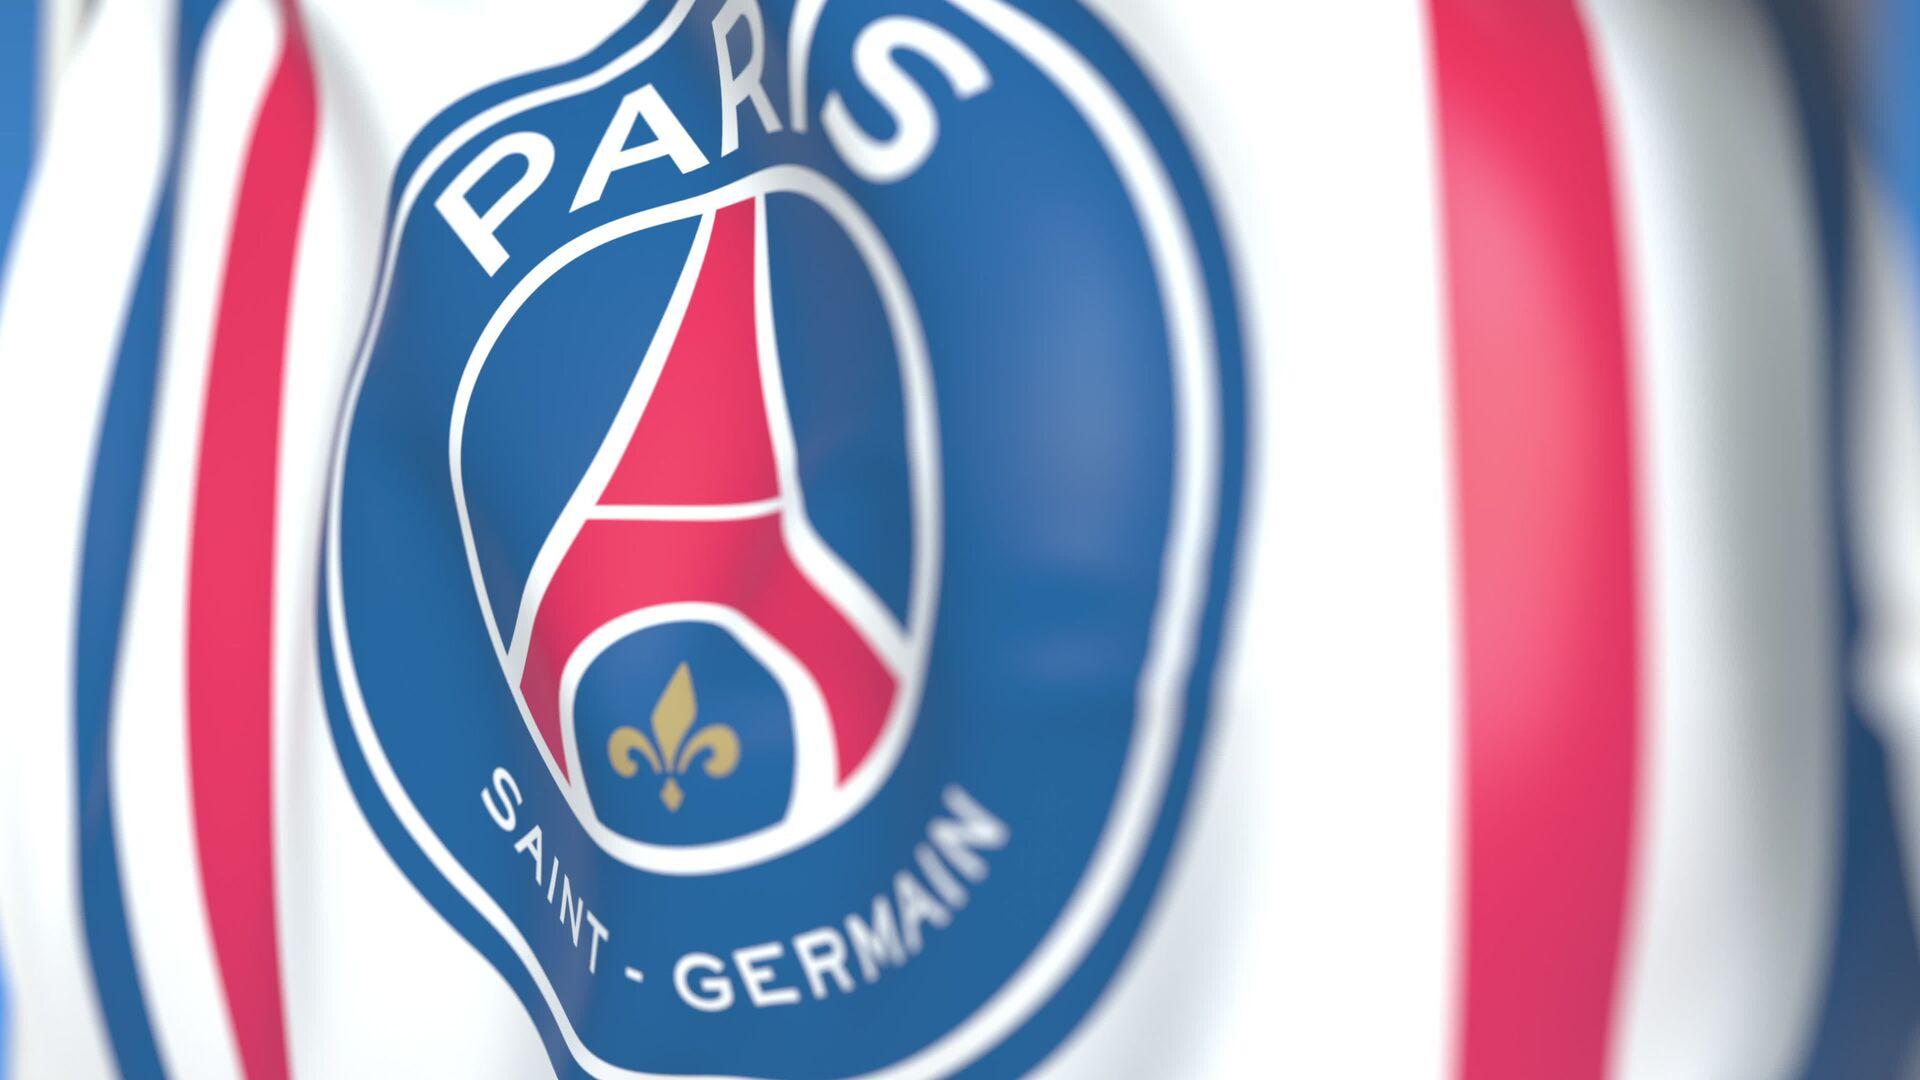 Cờ biểu tượng của câu lạc bộ bóng đá Paris-Saint Germain - Sputnik Việt Nam, 1920, 07.10.2021